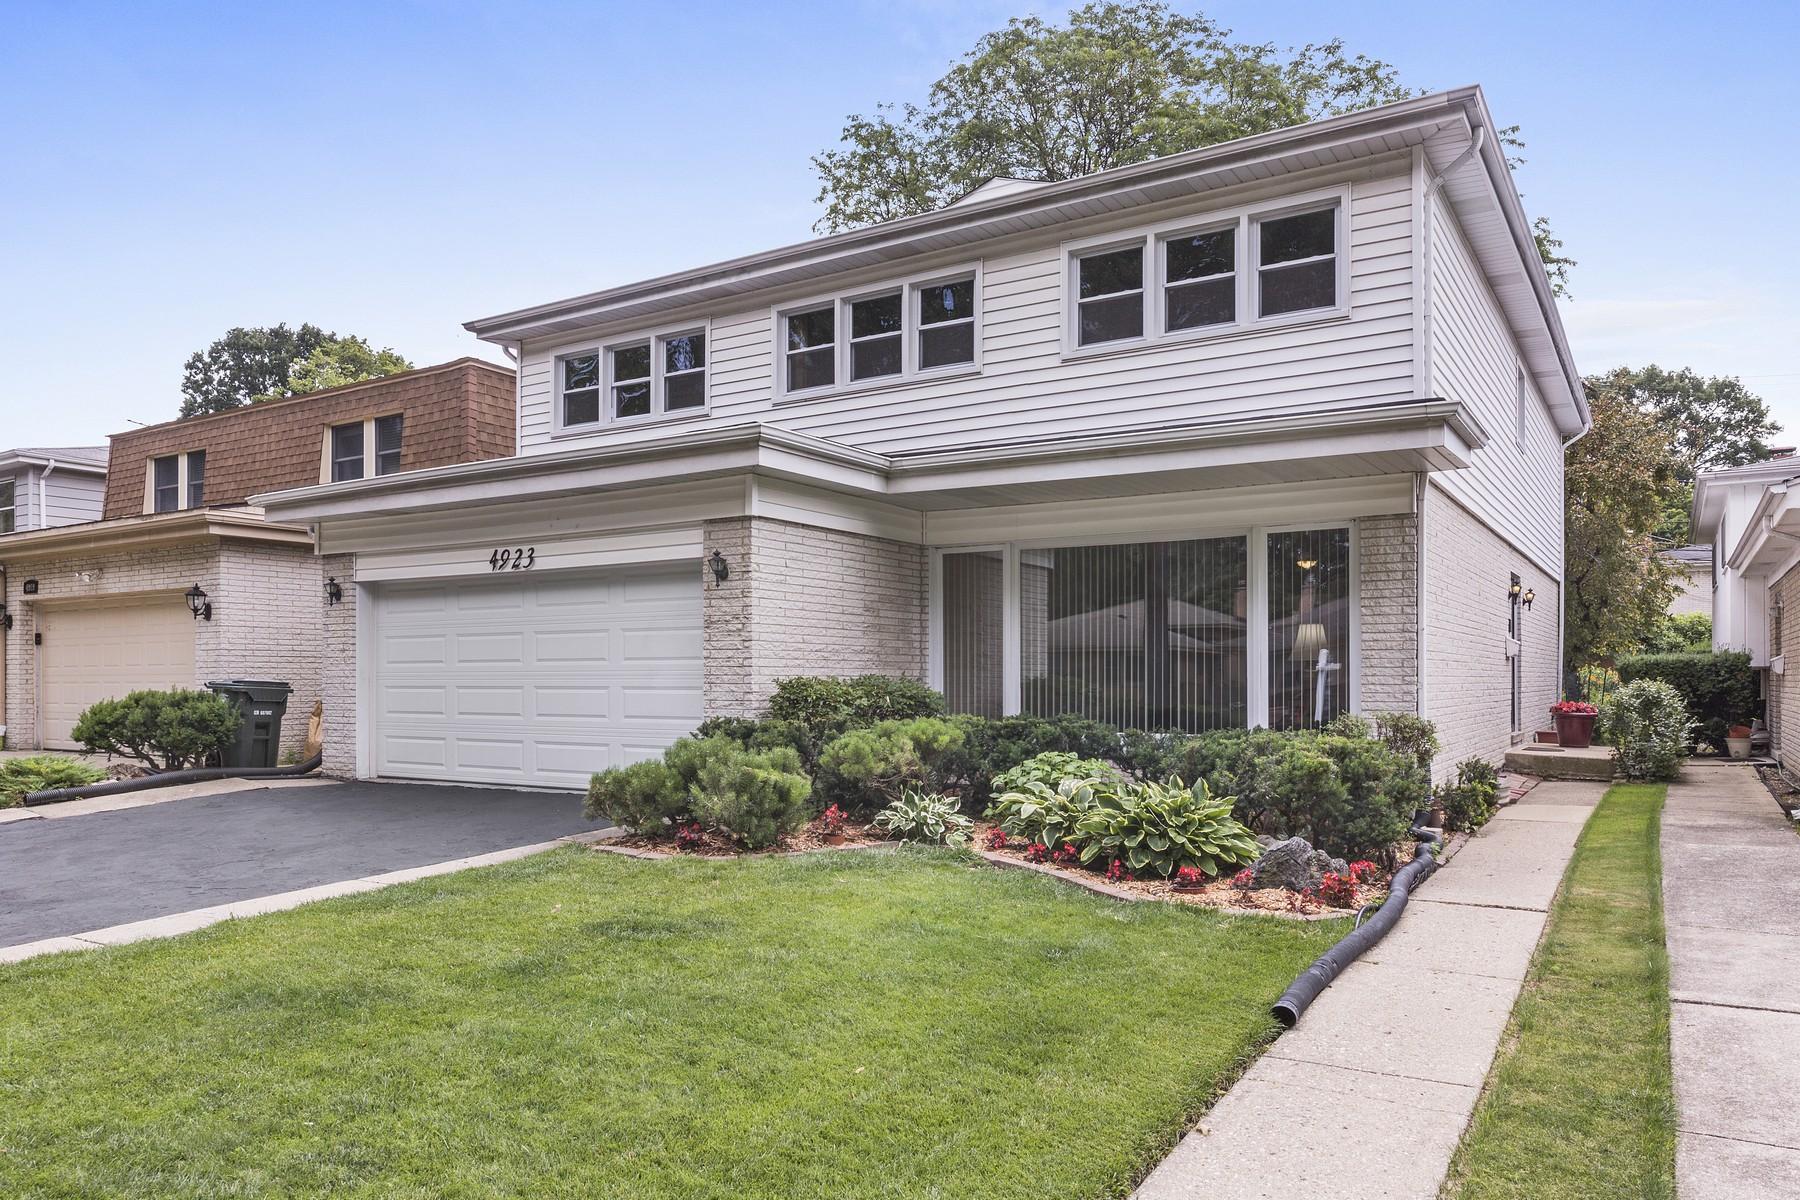 Tek Ailelik Ev için Satış at Impeccably Maintained Two Story 4923 Farwell Avenue Skokie, Illinois, 60077 Amerika Birleşik Devletleri